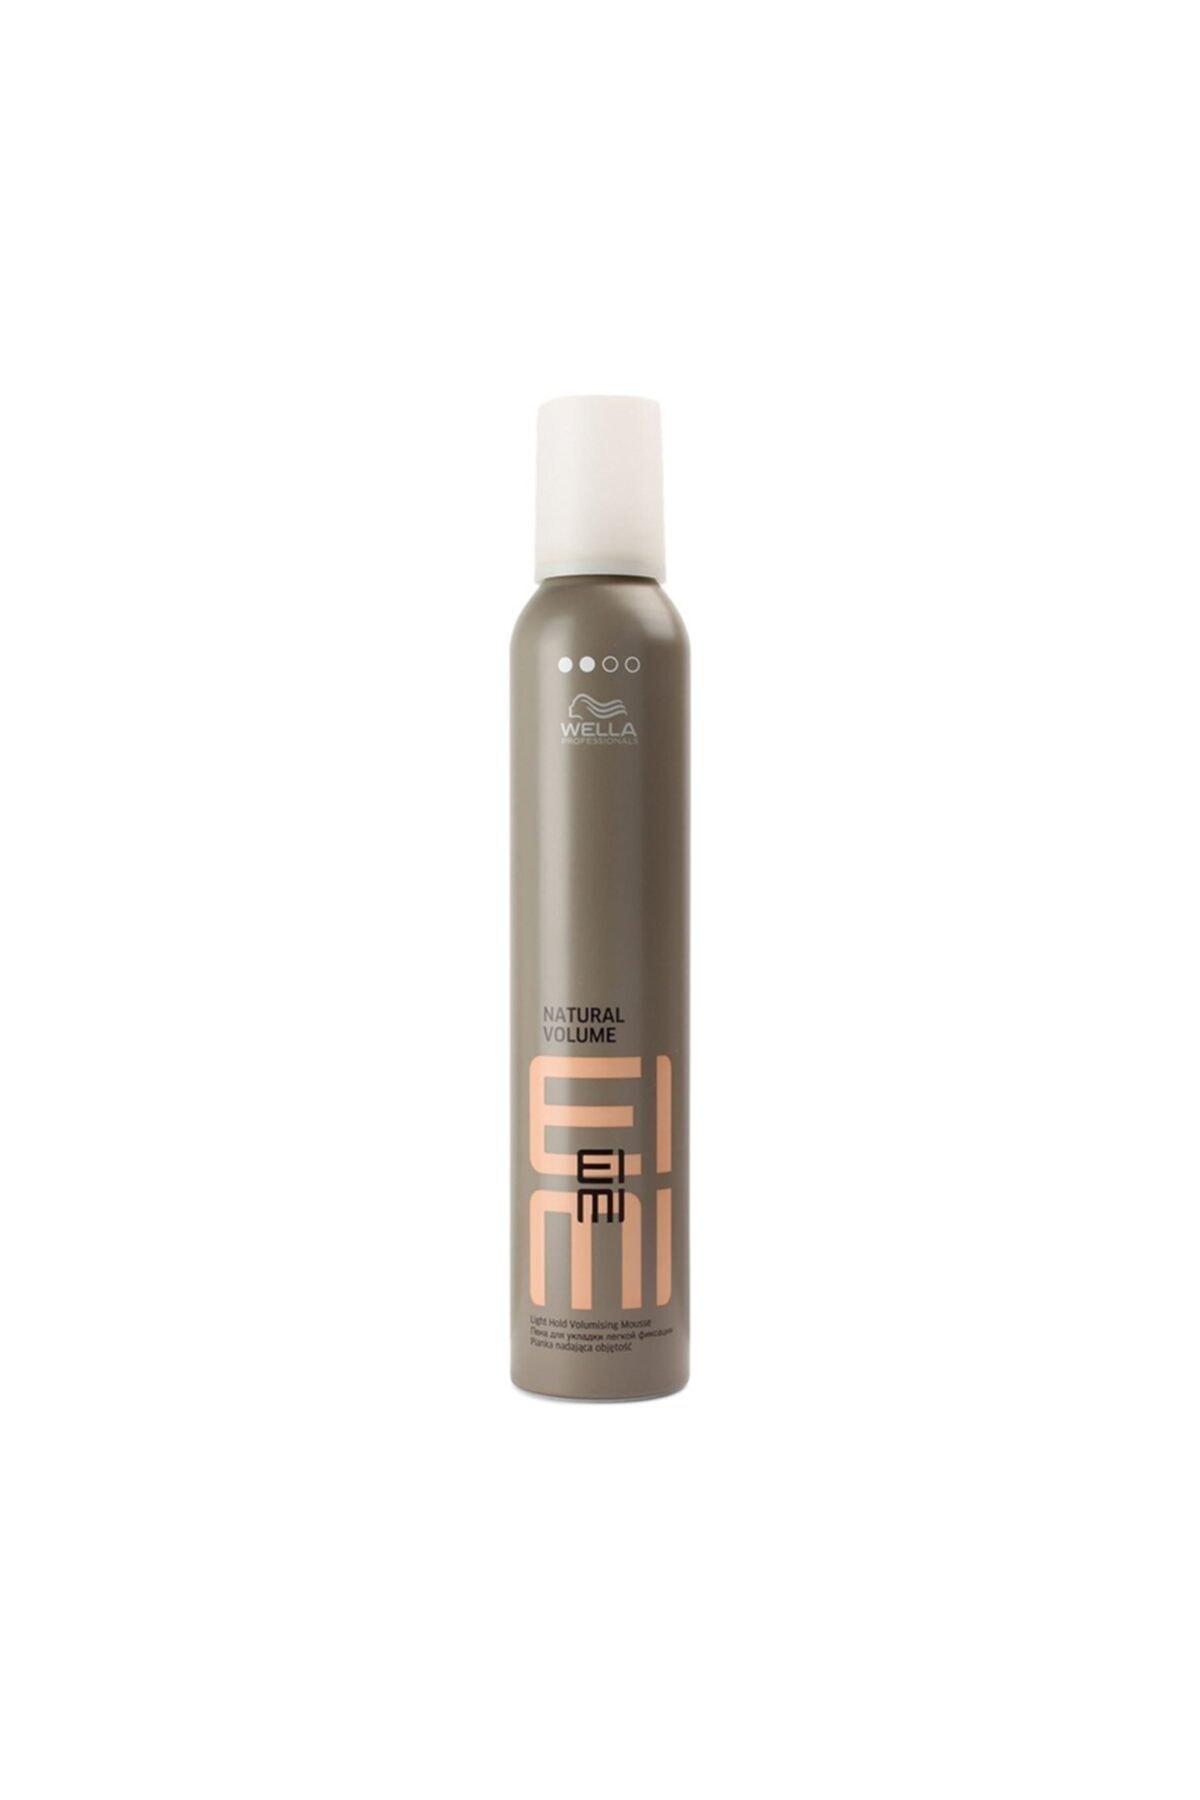 Wella Eımı Natural-volume Saç Şekillendirici Hacim Köpüğü 300 ml 4084500584457 1